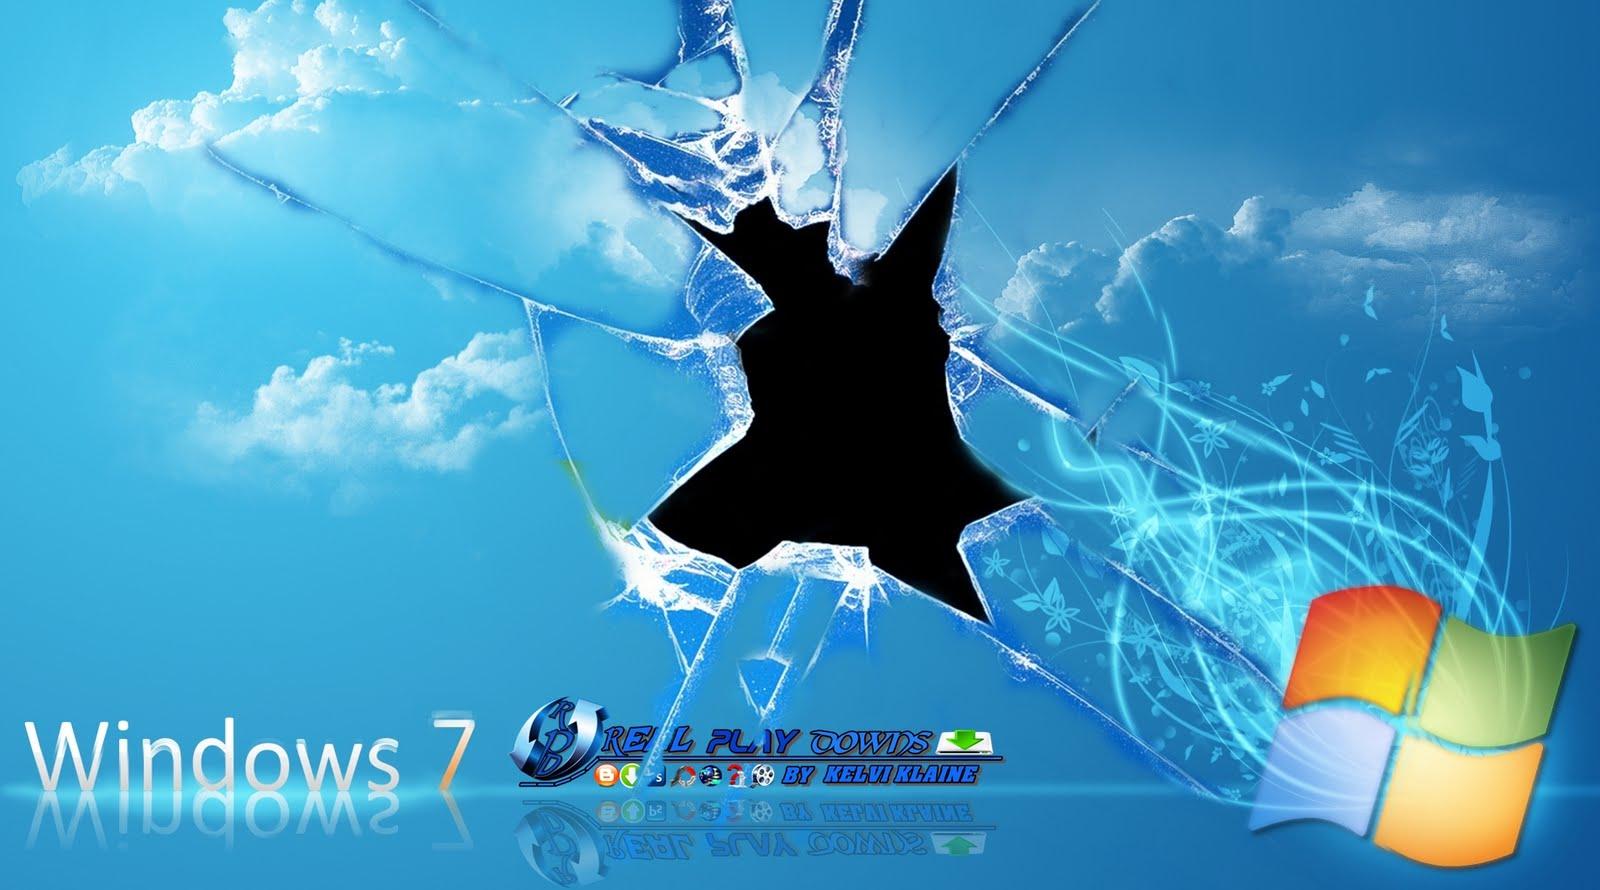 http://2.bp.blogspot.com/-S0EH5UZfPhM/UMRx9GnhDbI/AAAAAAAAHyM/PdgvDrS_Qfs/s1600/Wallpaper+Windows+7+-+Premium+Design+3D+(4).jpg